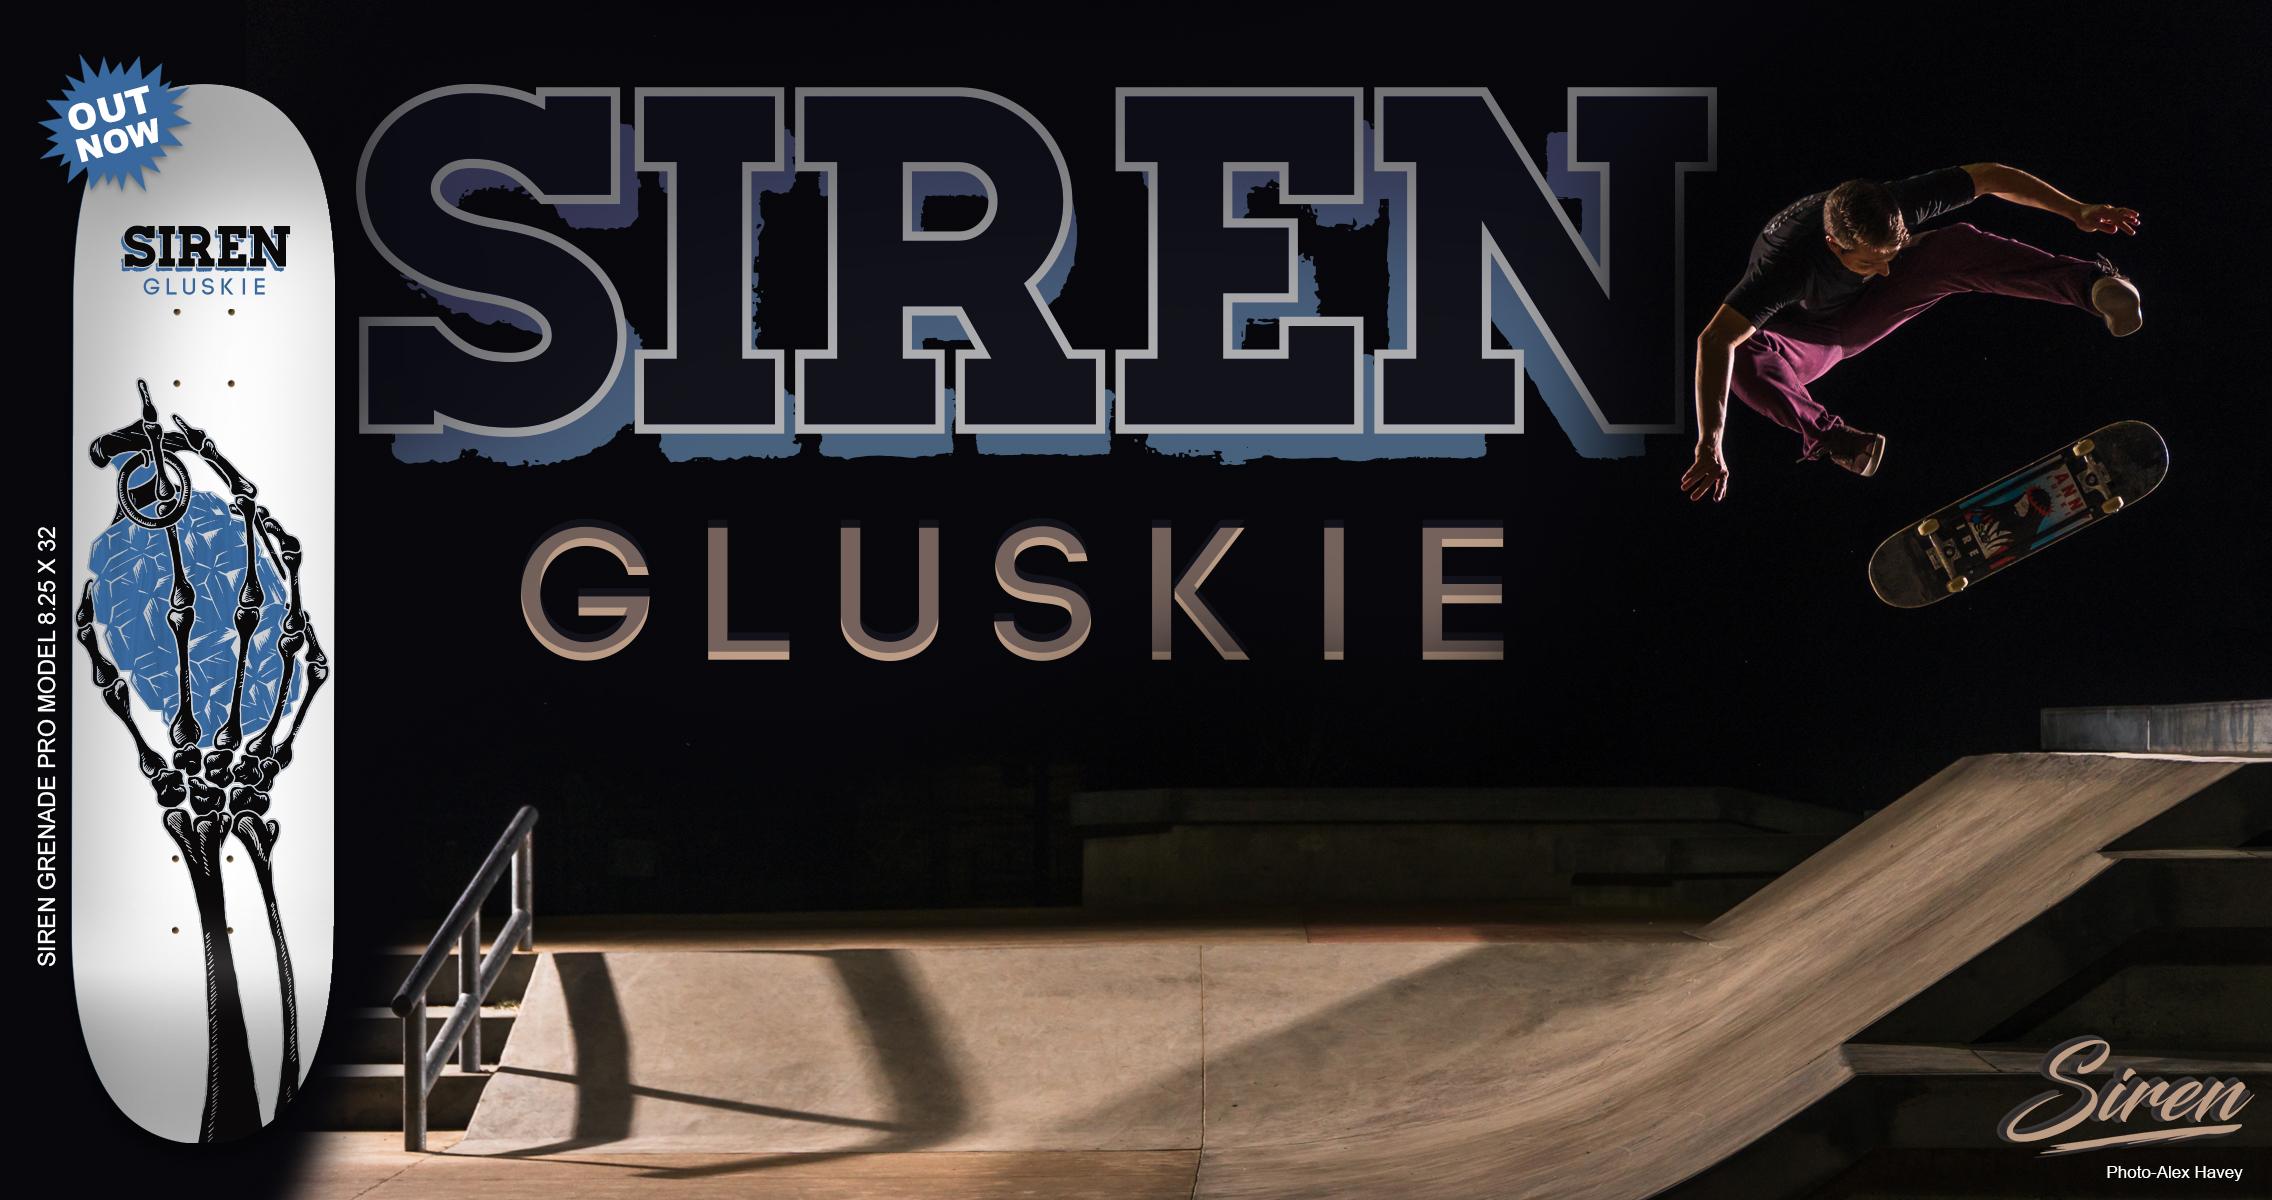 GLUSKIE GREN AD 2